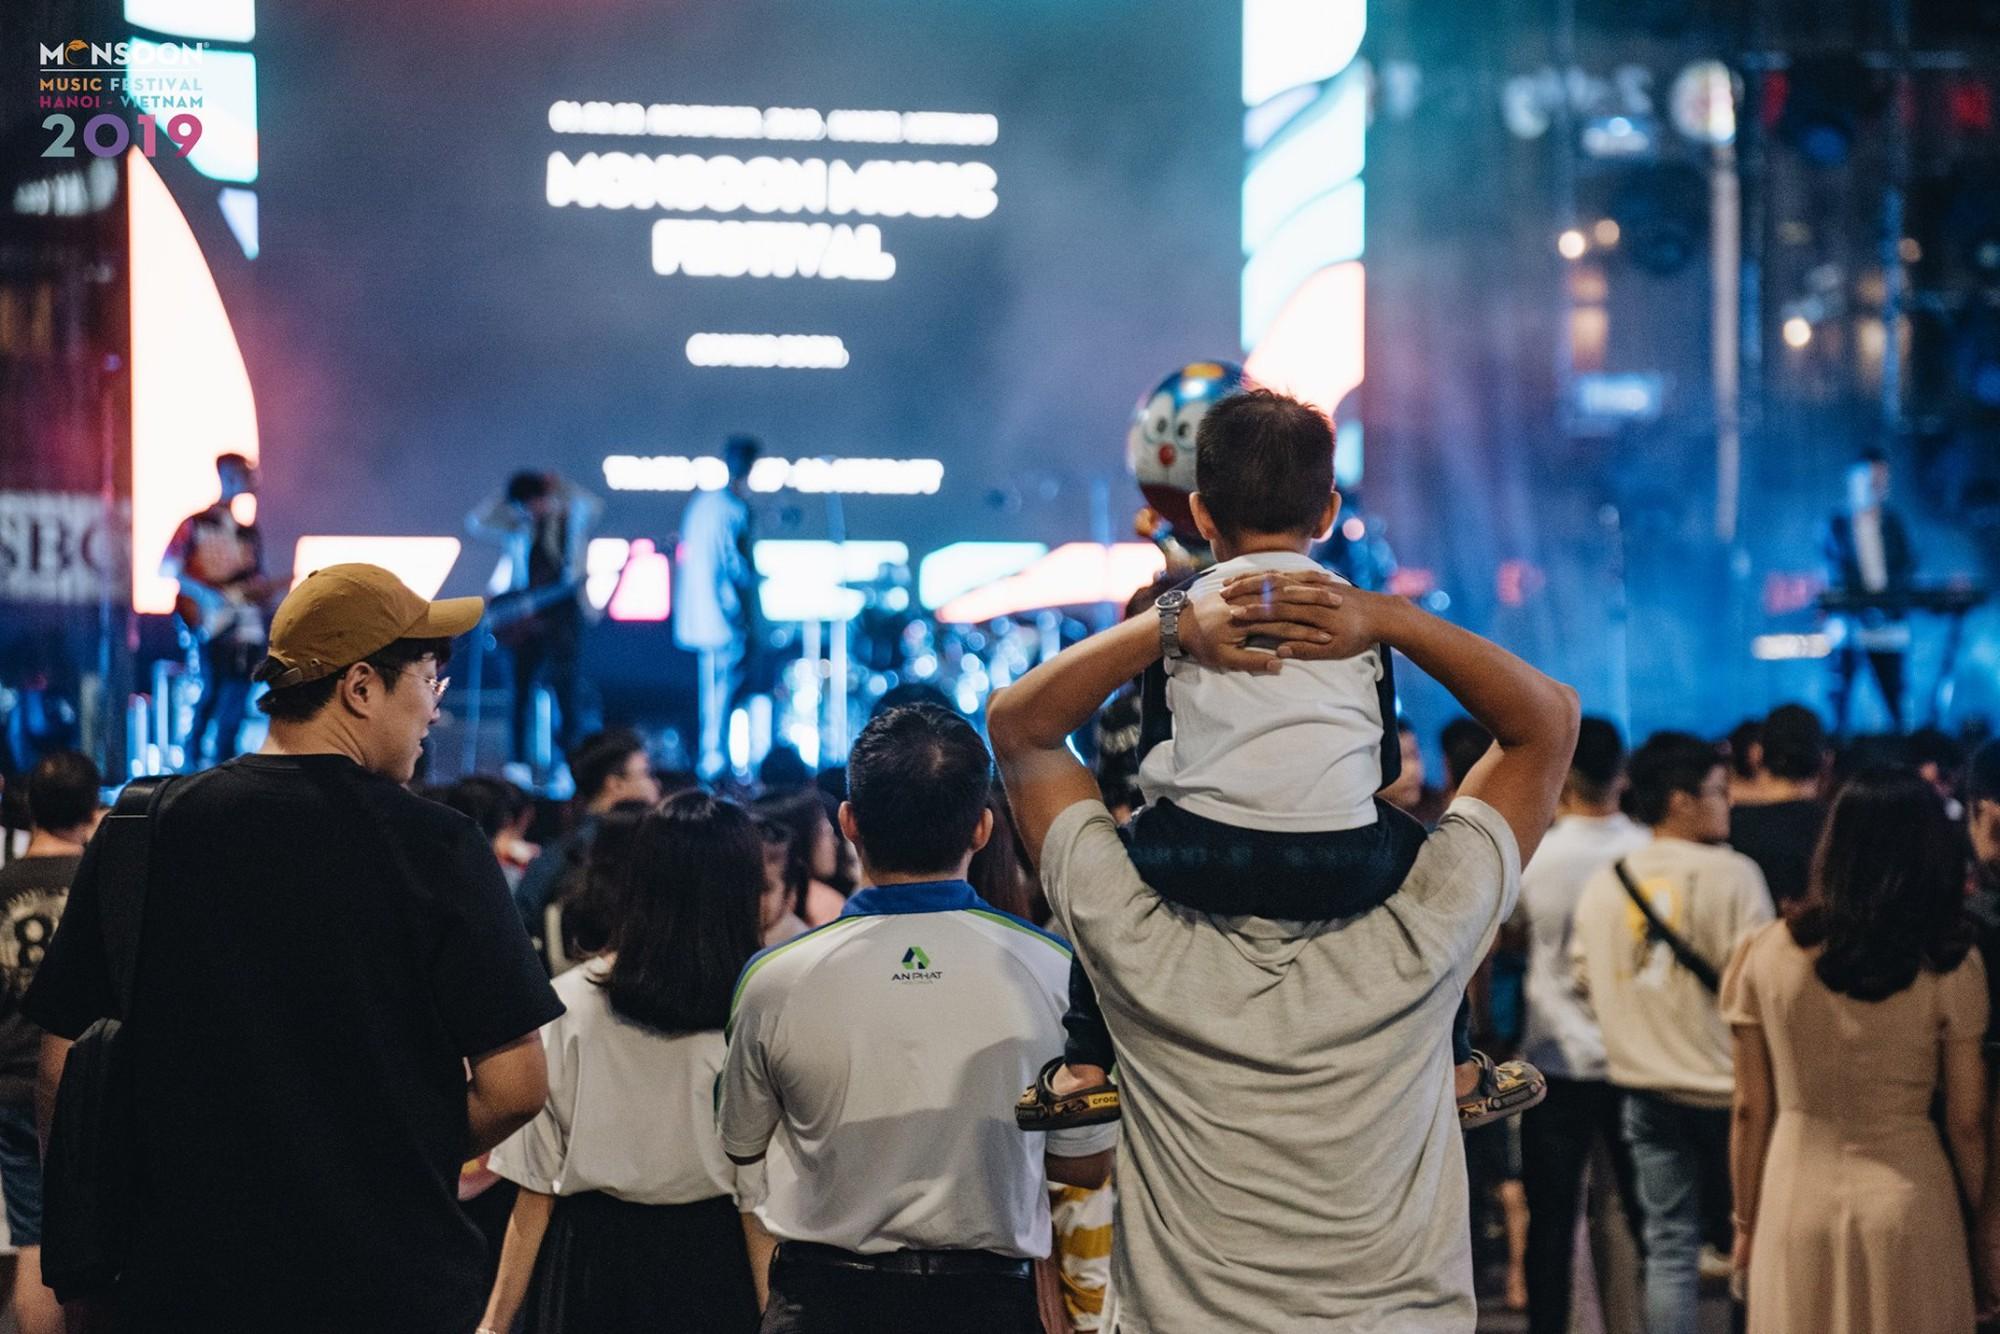 Monsoon Music Festival - Khán giả là nhân vật chính, không phải các ngôi sao - Ảnh 3.